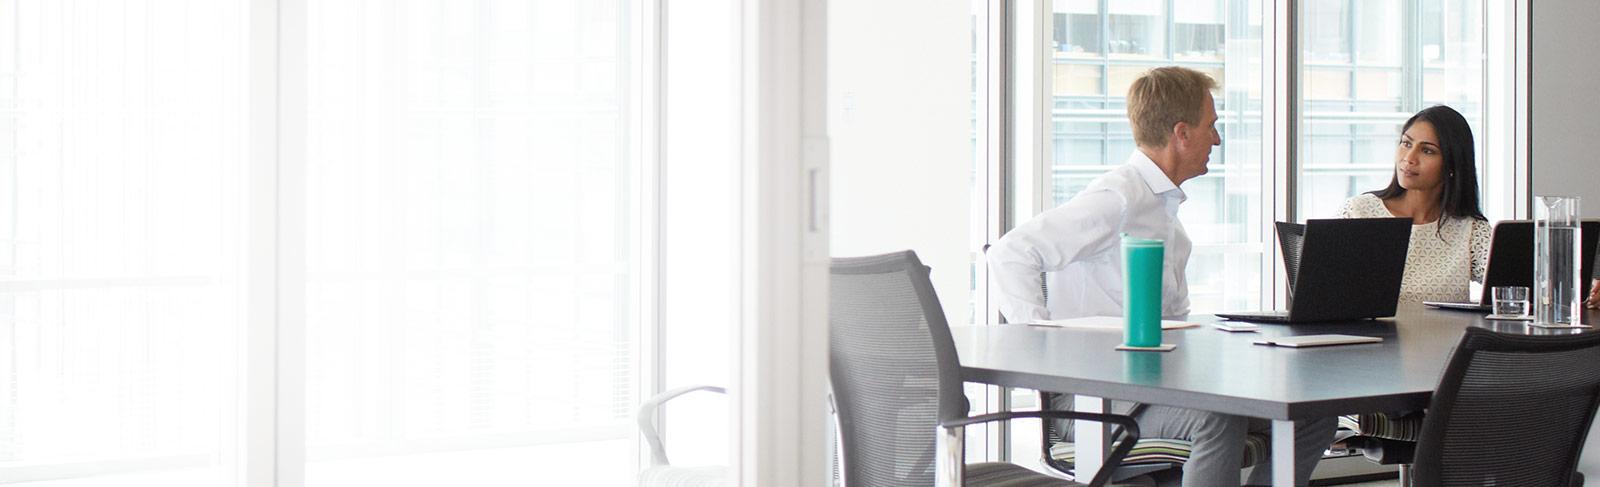 Dvaja pracovníci s prenosnými počítačmi v konferenčnej miestnosti používajúci Office 365 Enterprise E3.